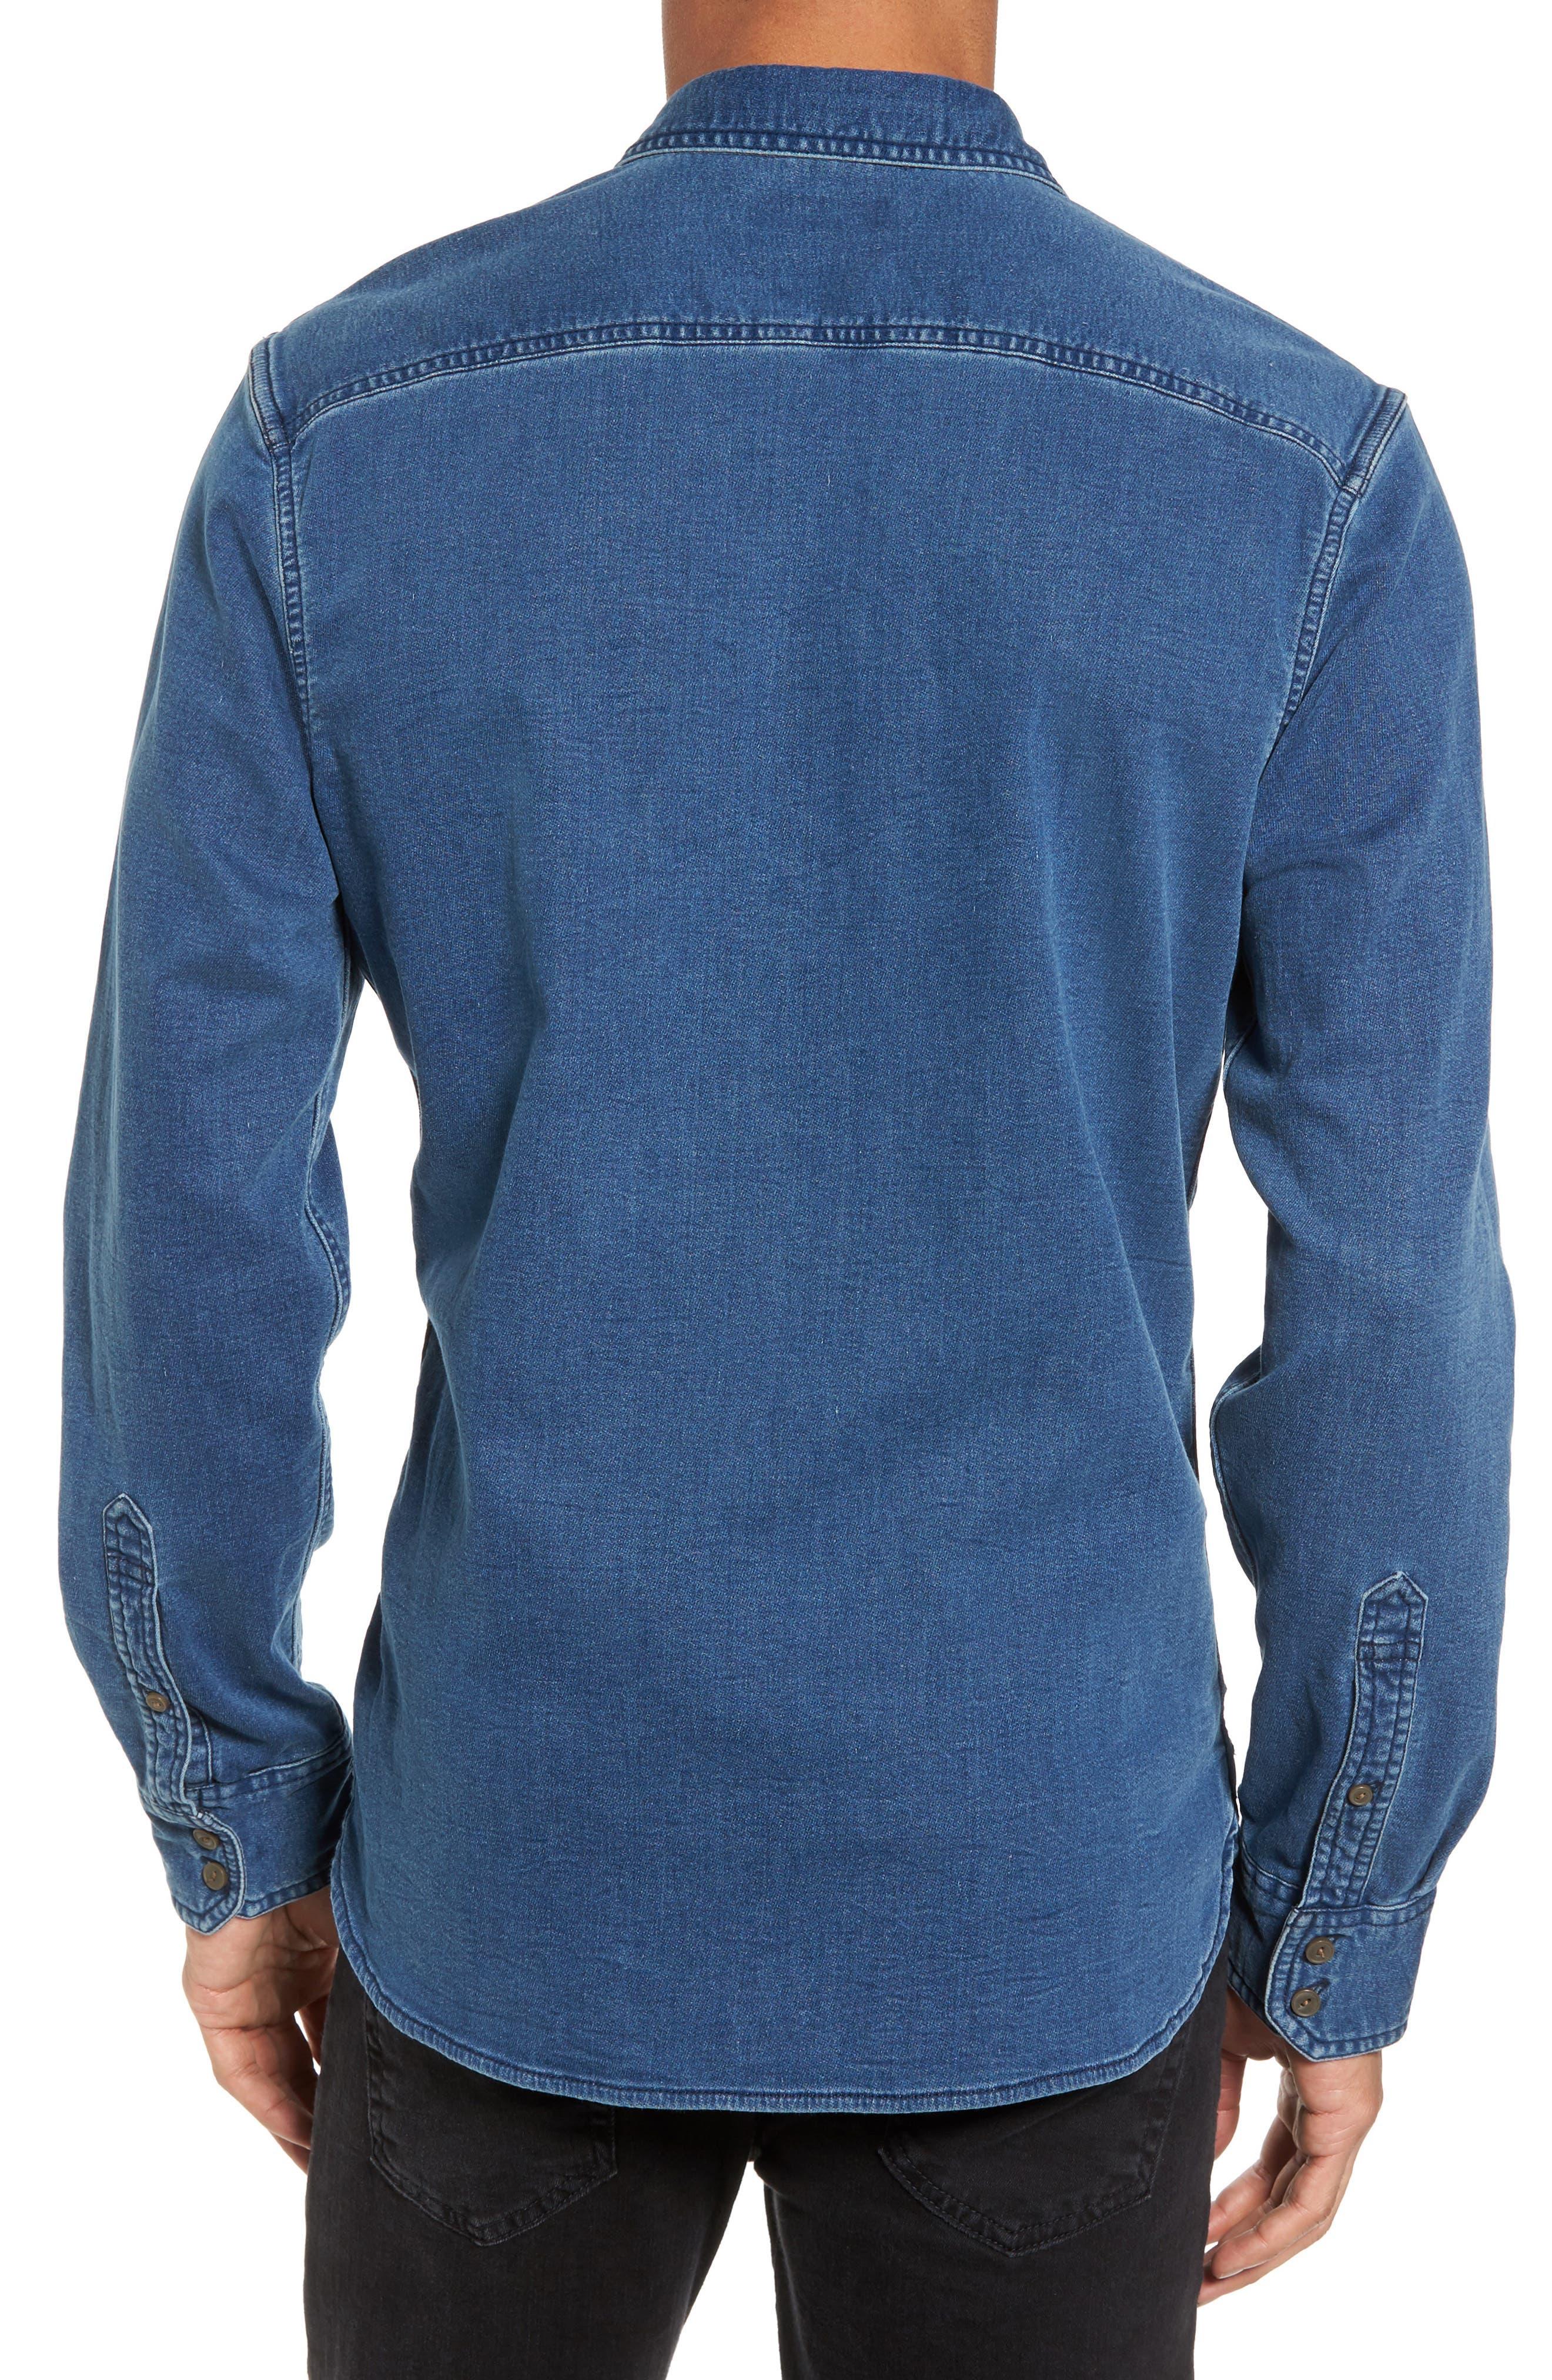 Trim Fit Utility Wash Knit Denim Shirt,                             Alternate thumbnail 2, color,                             420